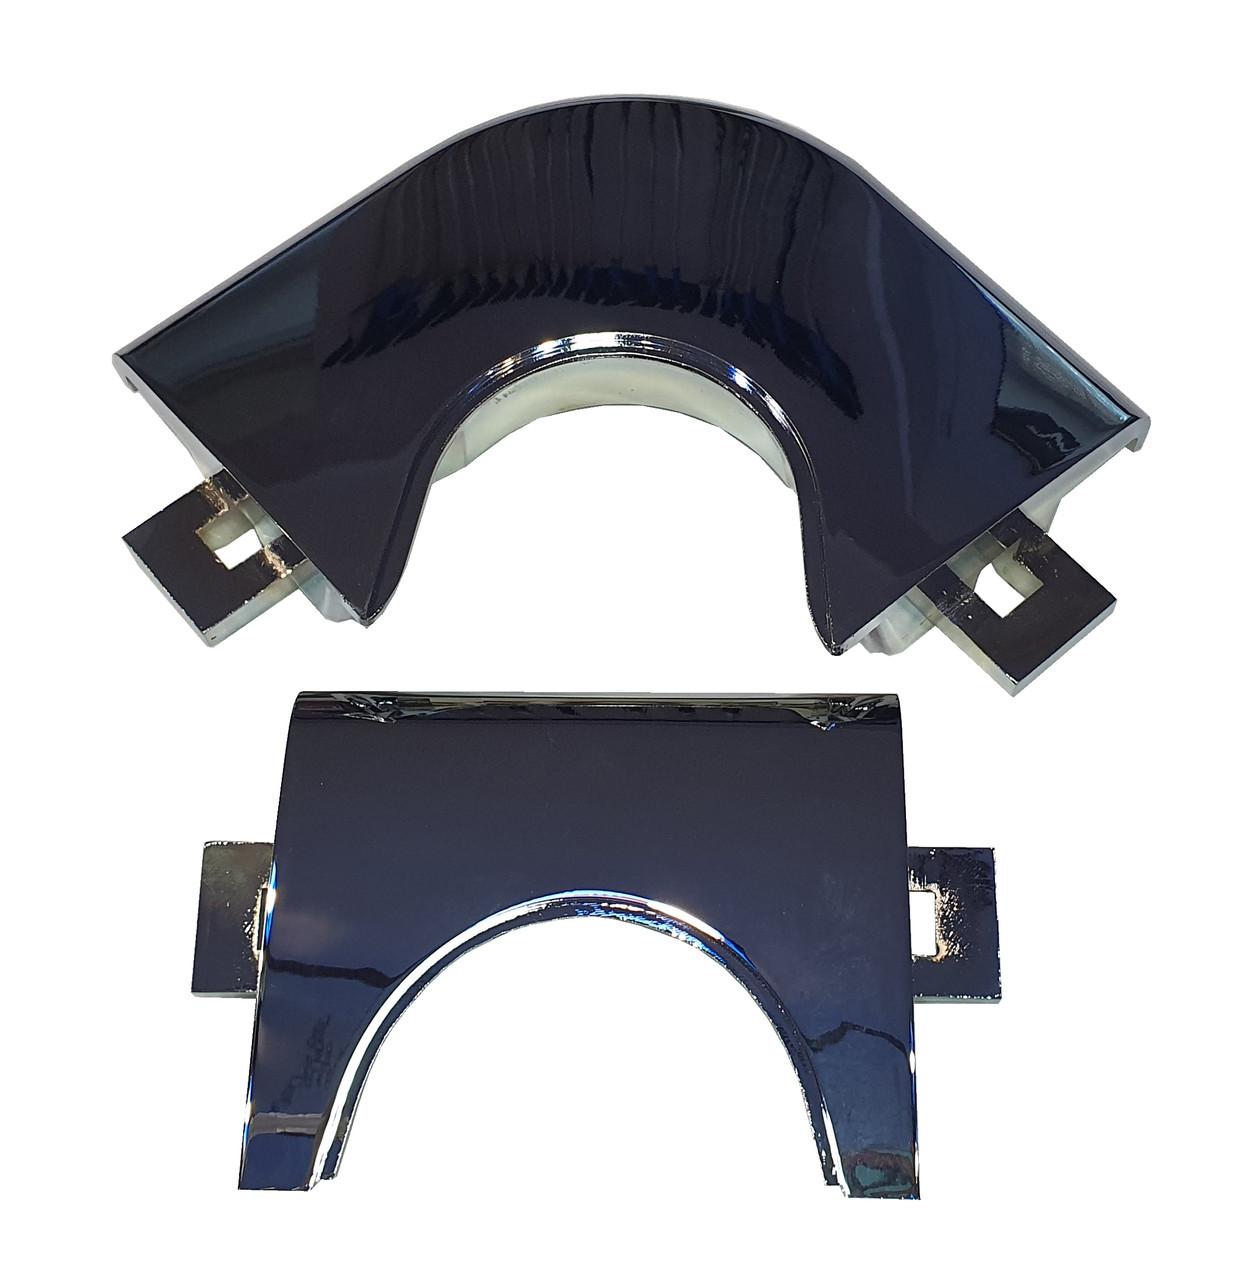 Лузы-накладки для пула серебряные (металлические уголки)